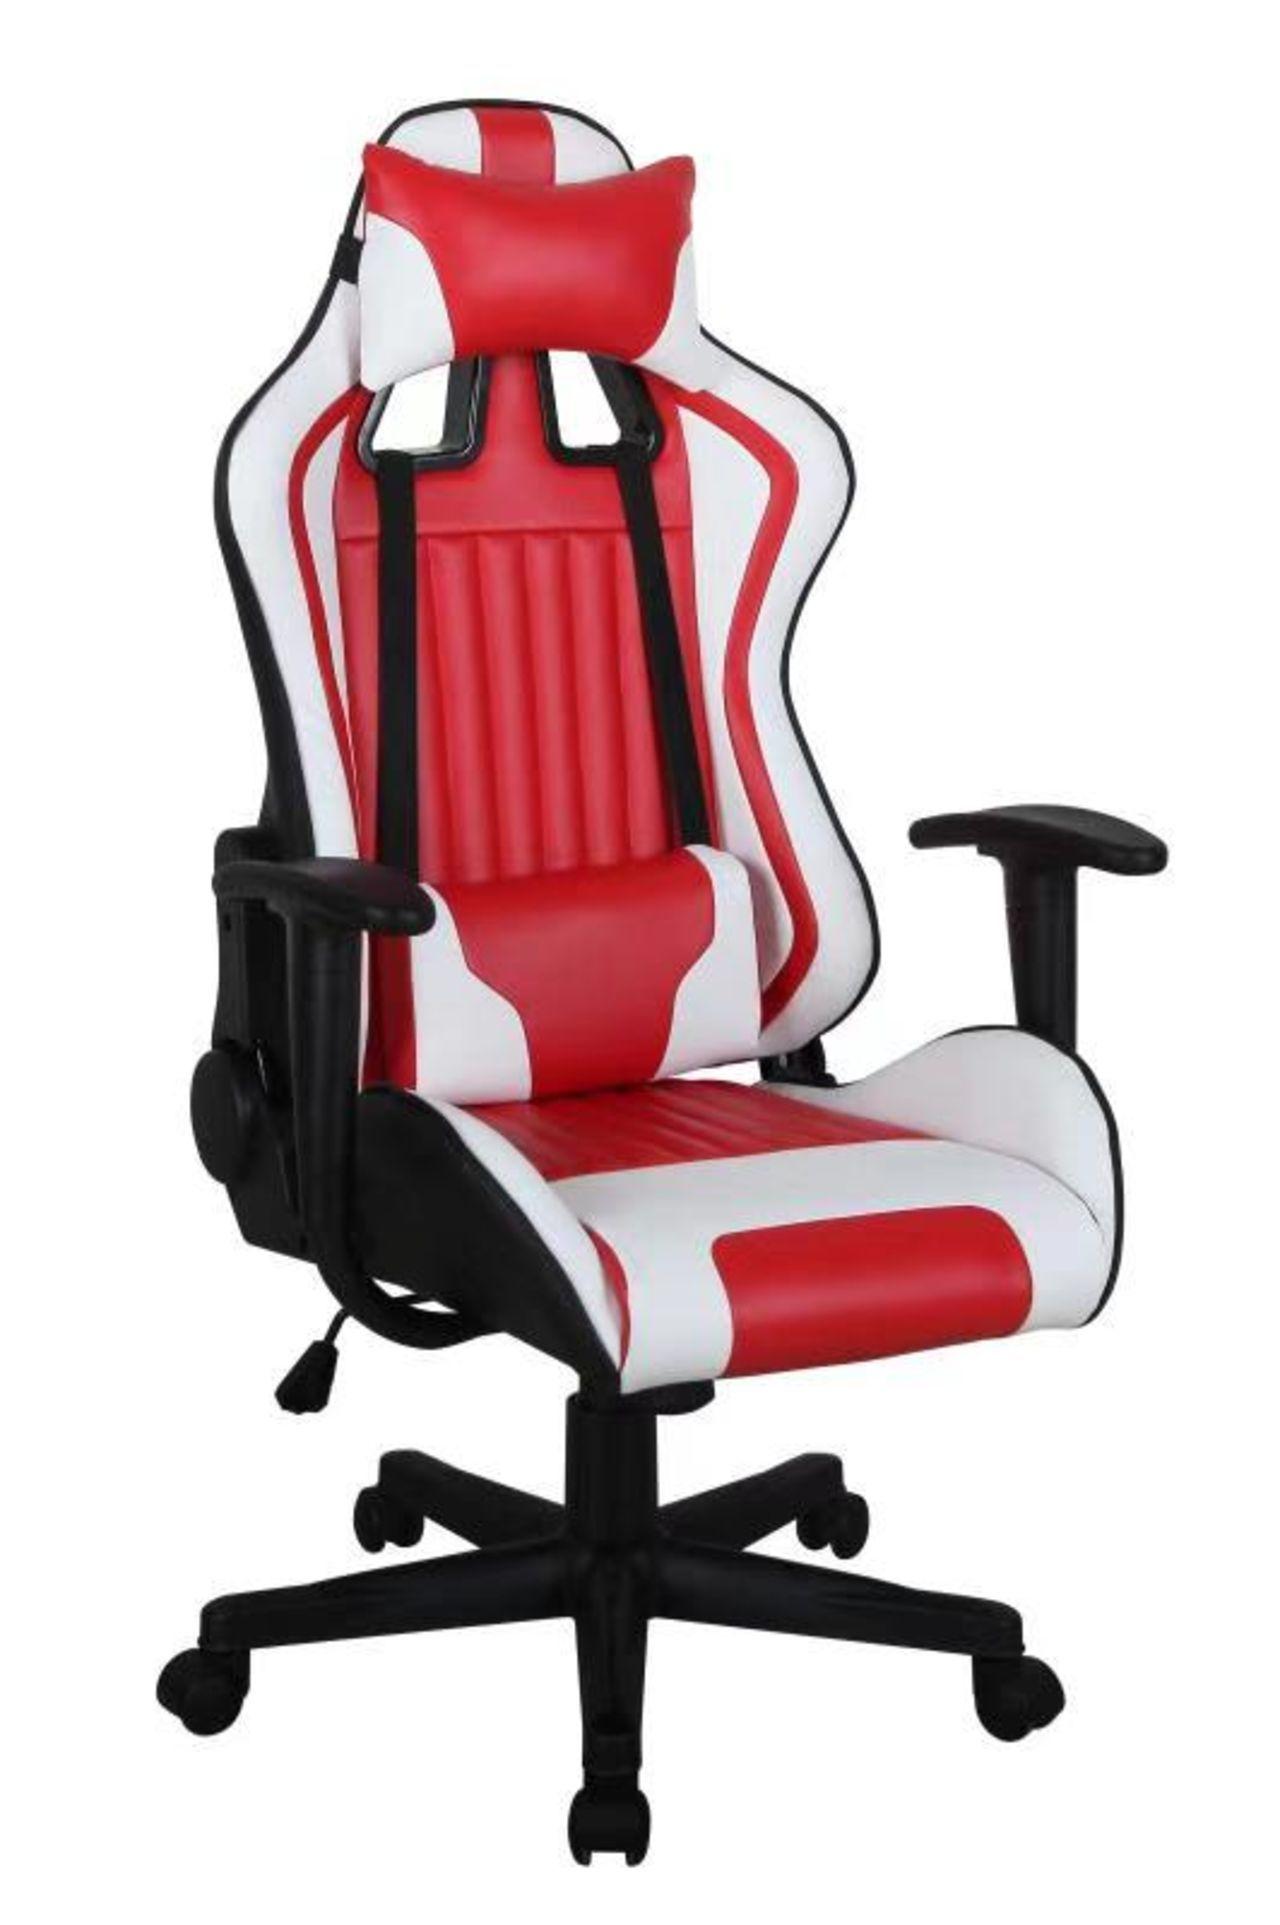 krzesło obrotowe,fotel obrotowy,krzesło młodzieżowe